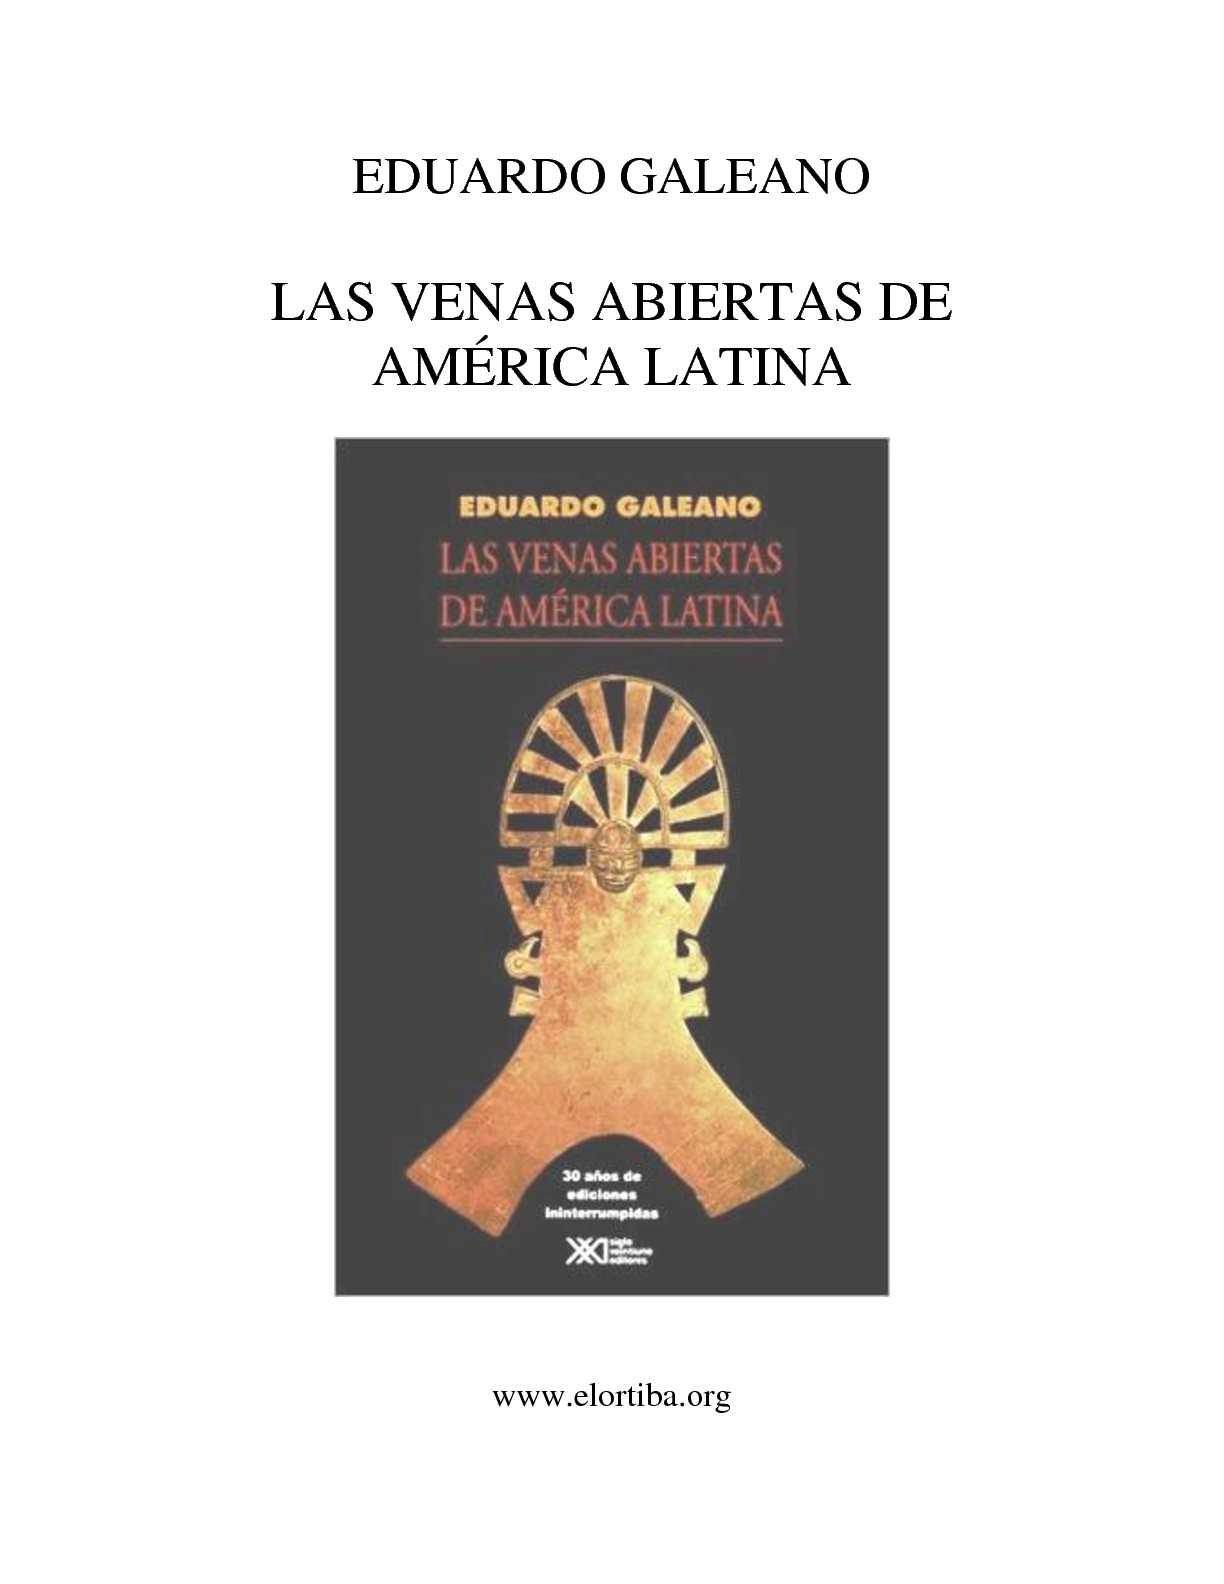 Calaméo - Eduardo Galeano - Las Venas abiertas de America Latina 1b51ca1c08b